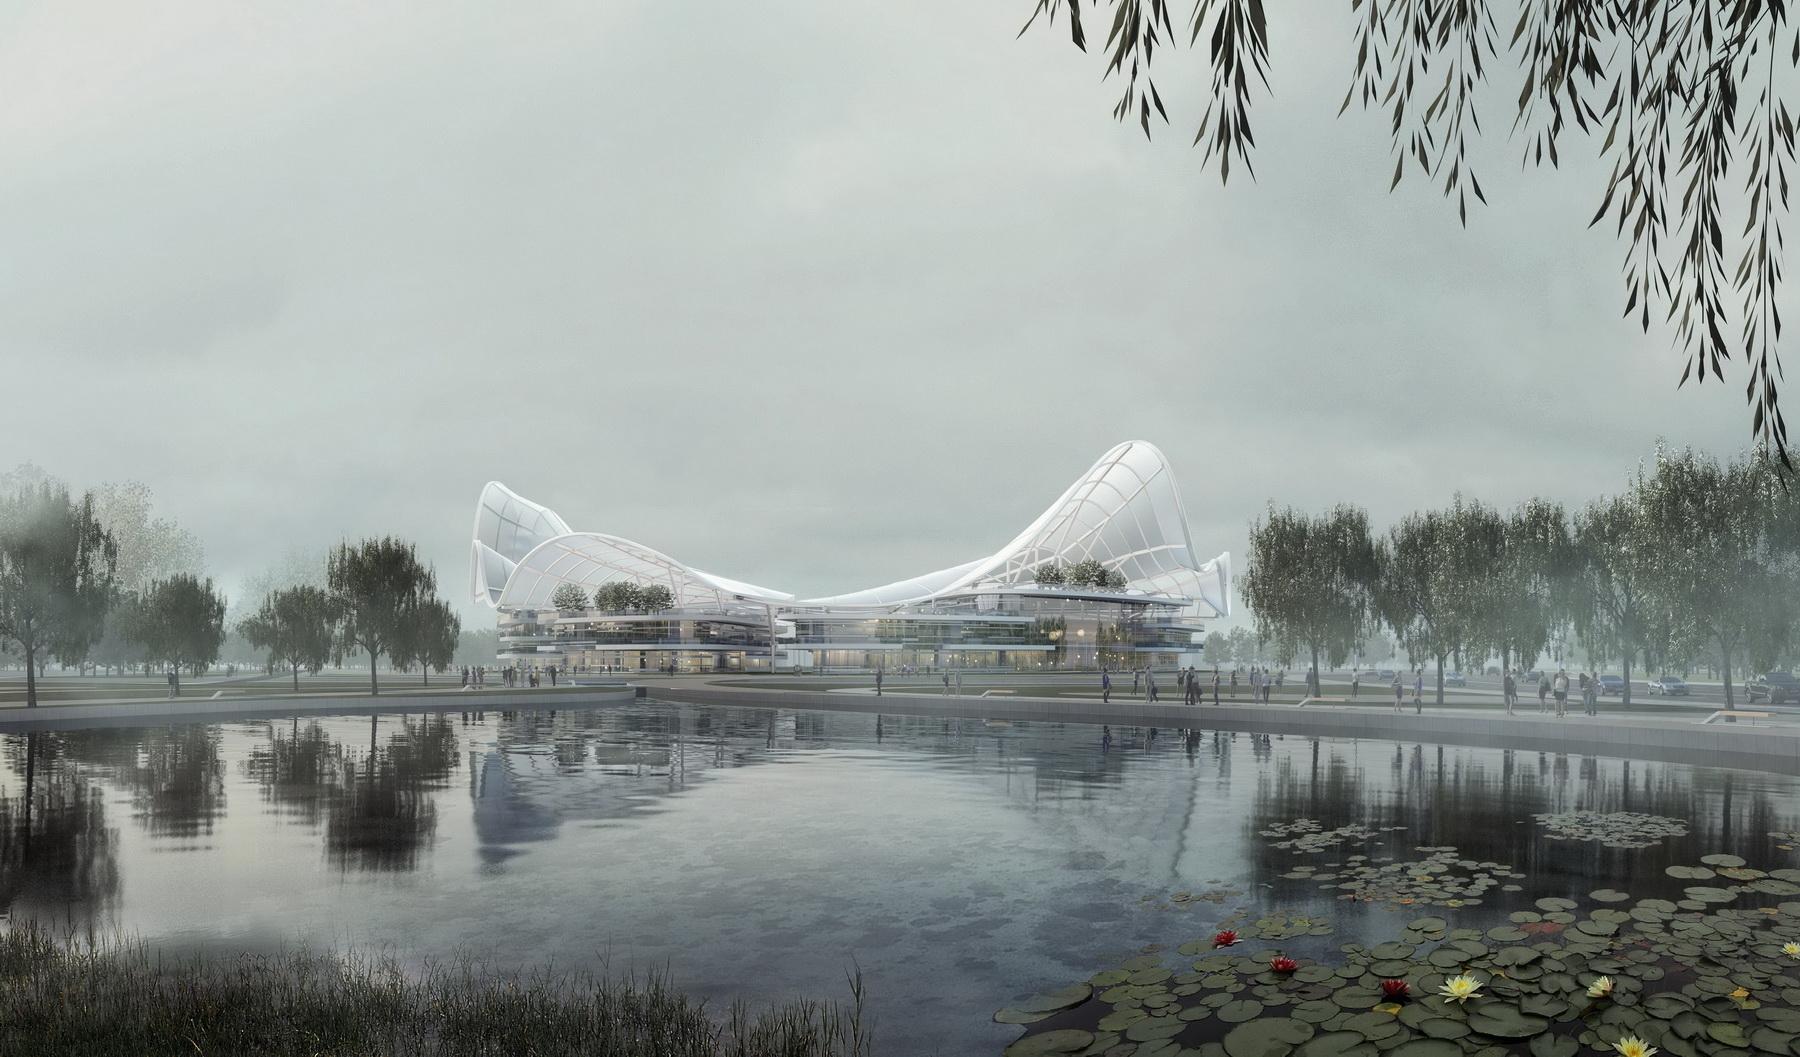 丰子恺艺术中心 建筑设计  / 立木设计